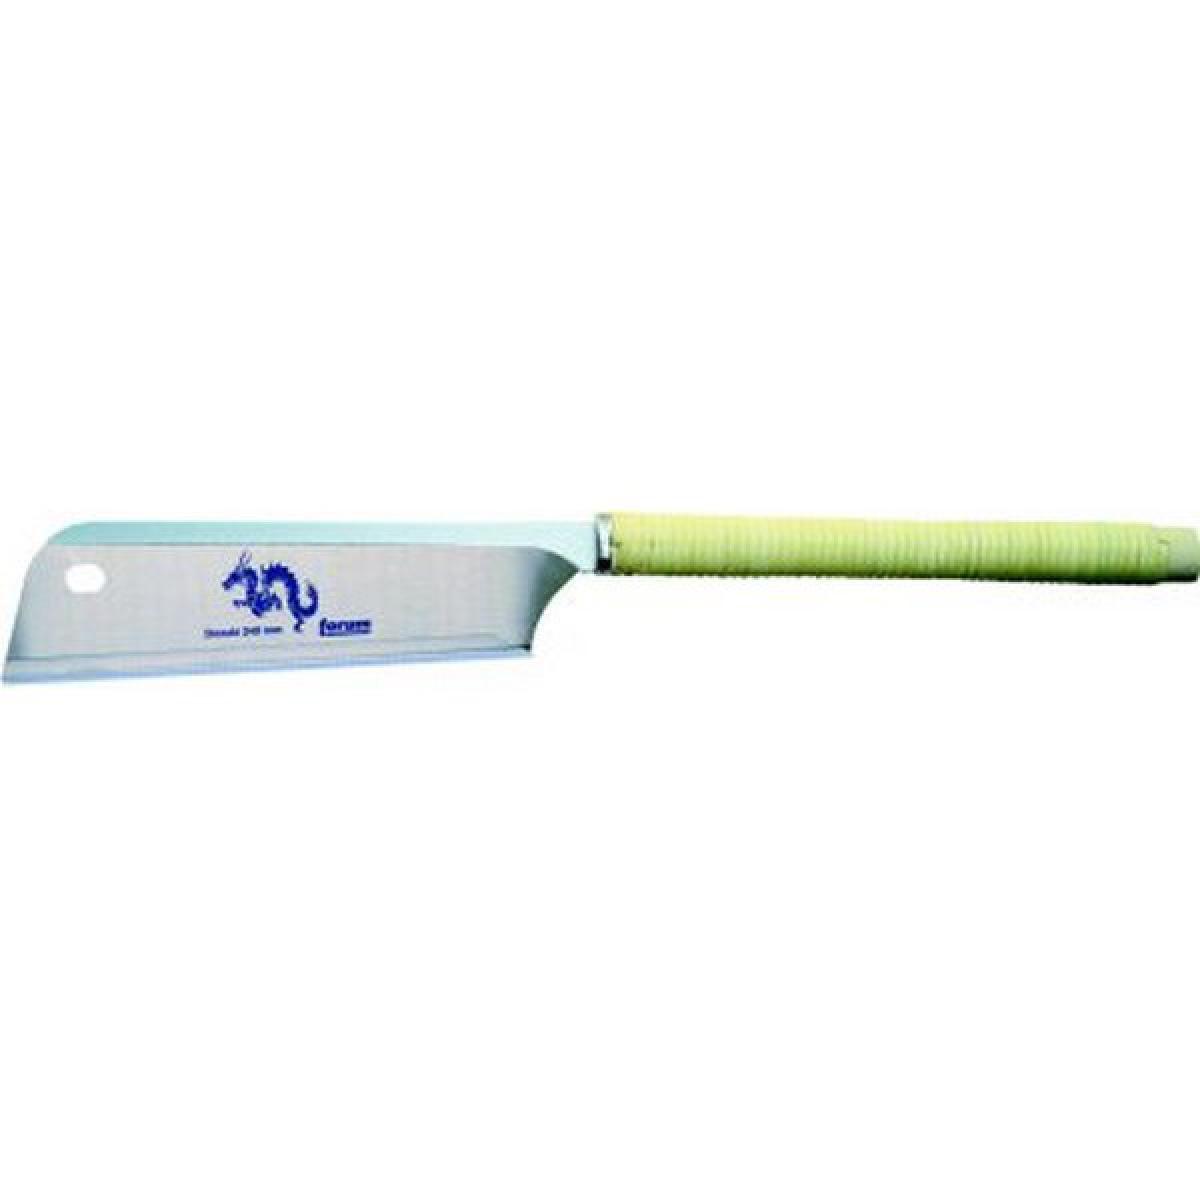 Forum Scie japonaise Dozuki, poignée bambou, longueur de lame 240 mm, Épaisseur de lame 0,5 mm